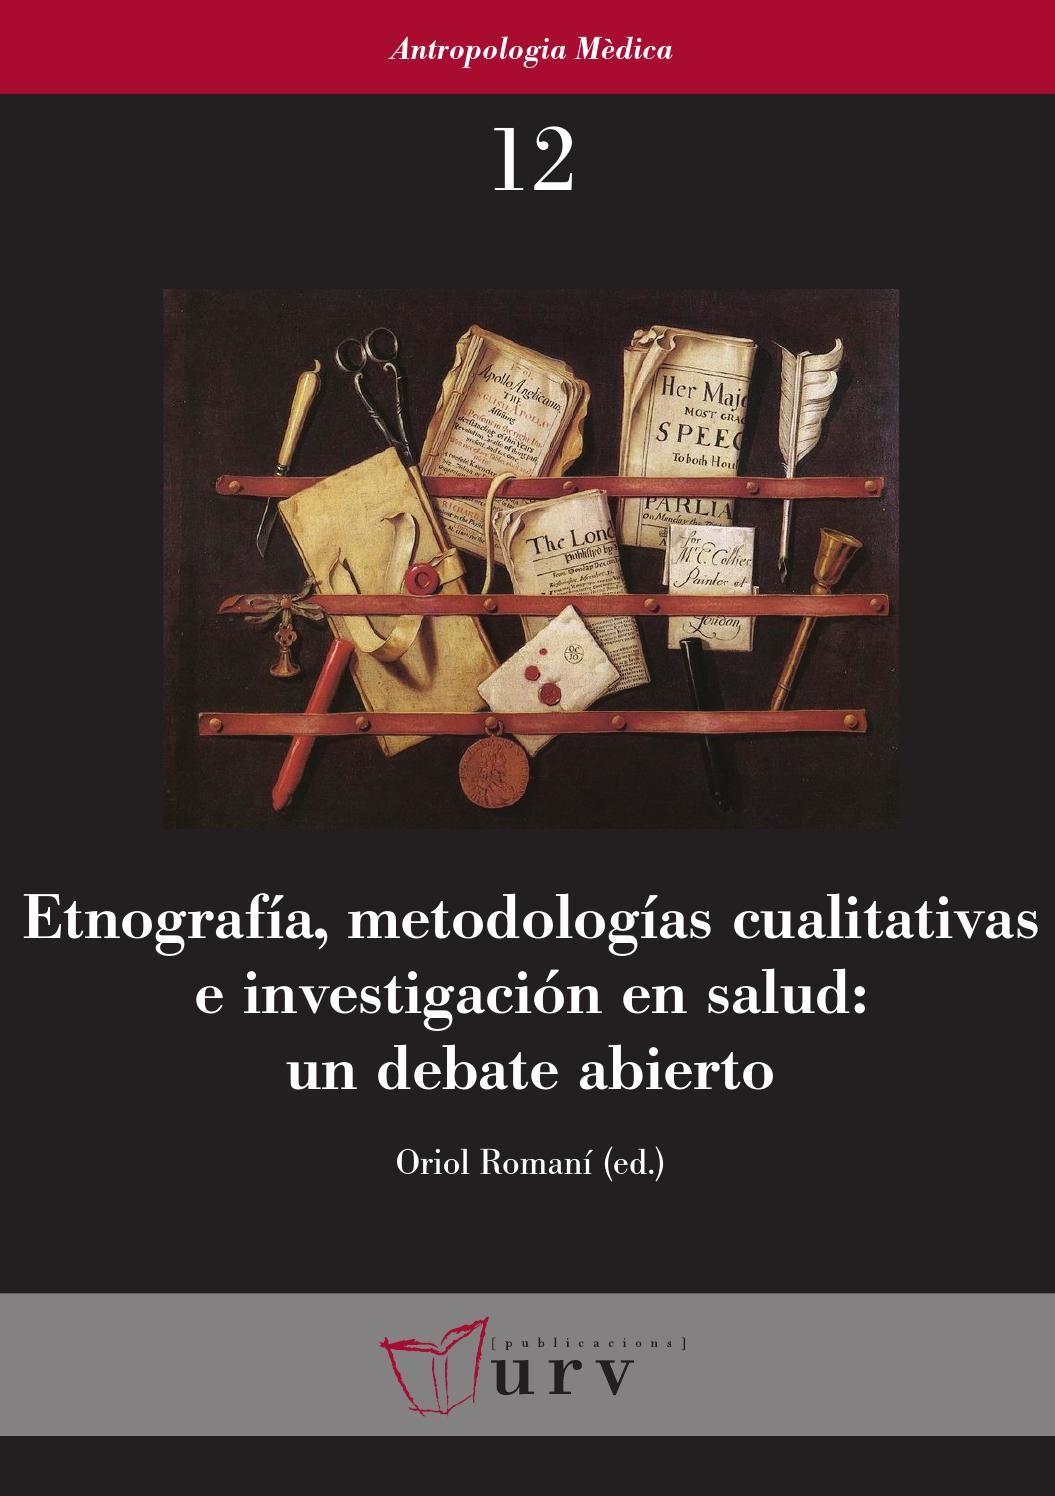 Etnografias, metodologias cualitativas urv